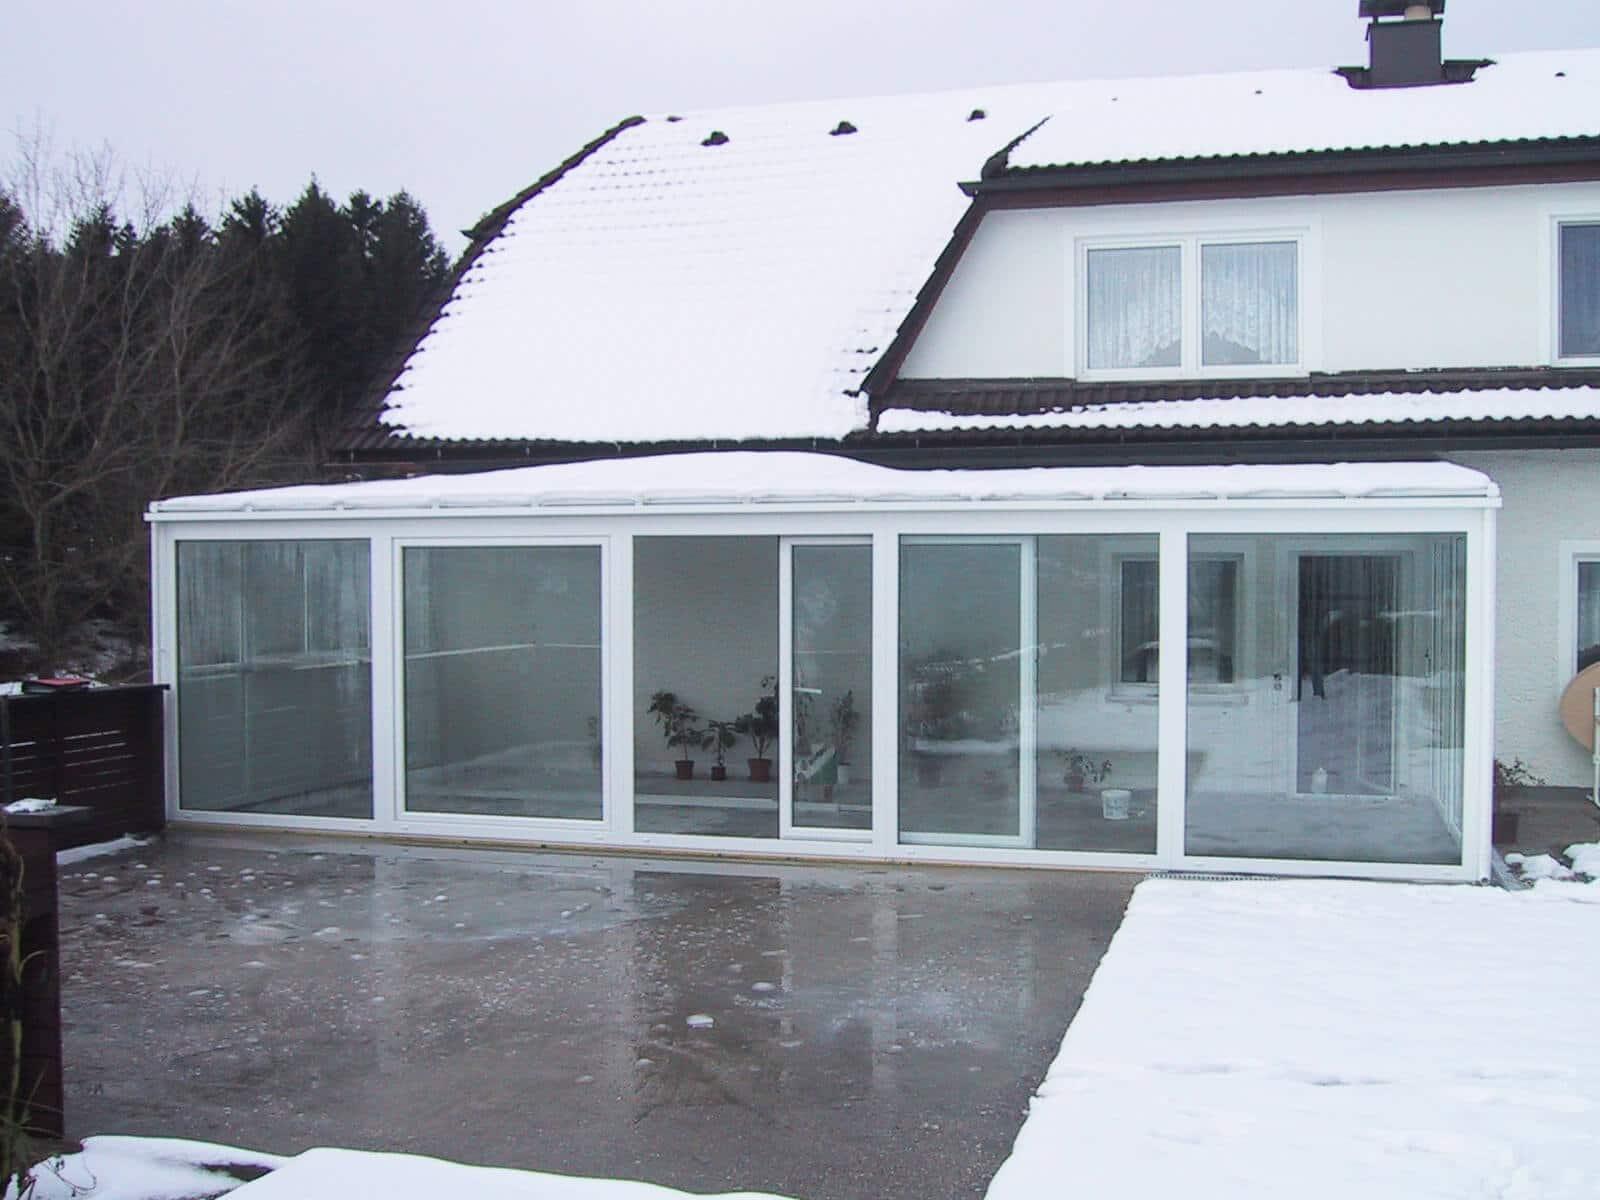 kleiner wintergarten terrasse beispiele f r winterg rten. Black Bedroom Furniture Sets. Home Design Ideas